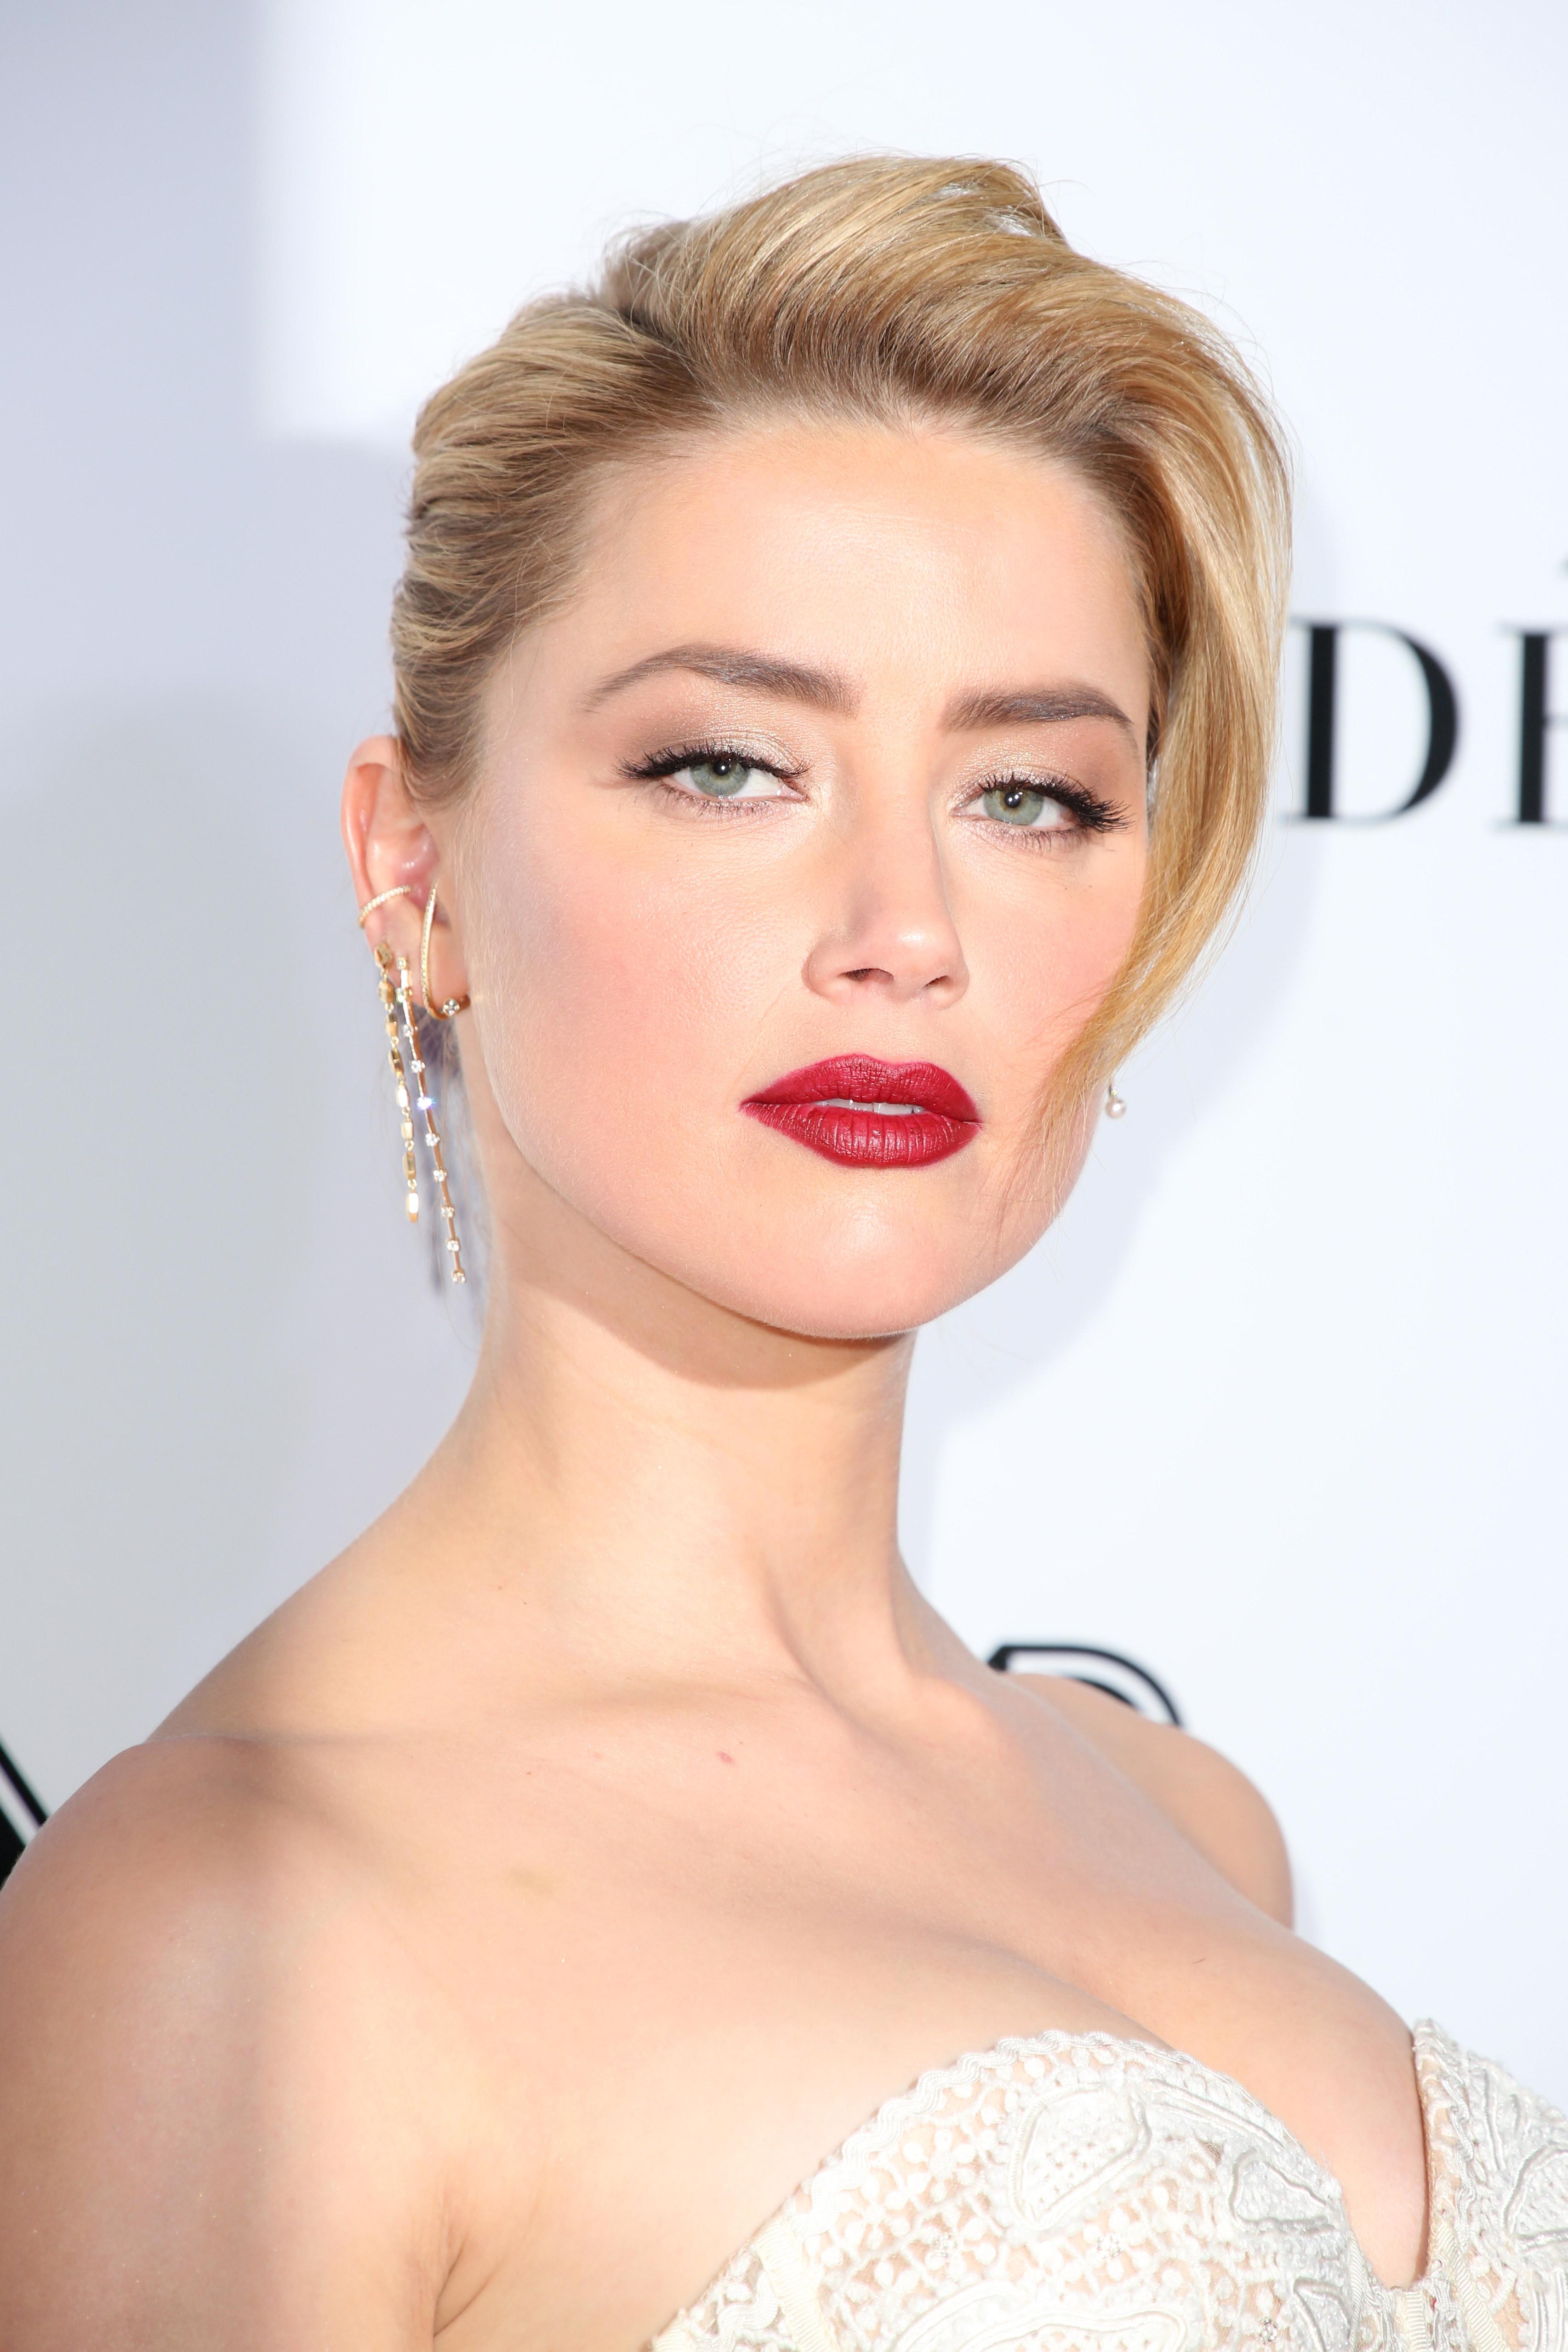 Η Amber Heard εμφανίστηκε σε πρεμιέρα με σκουφάκι κολύμβησης! | tlife.gr